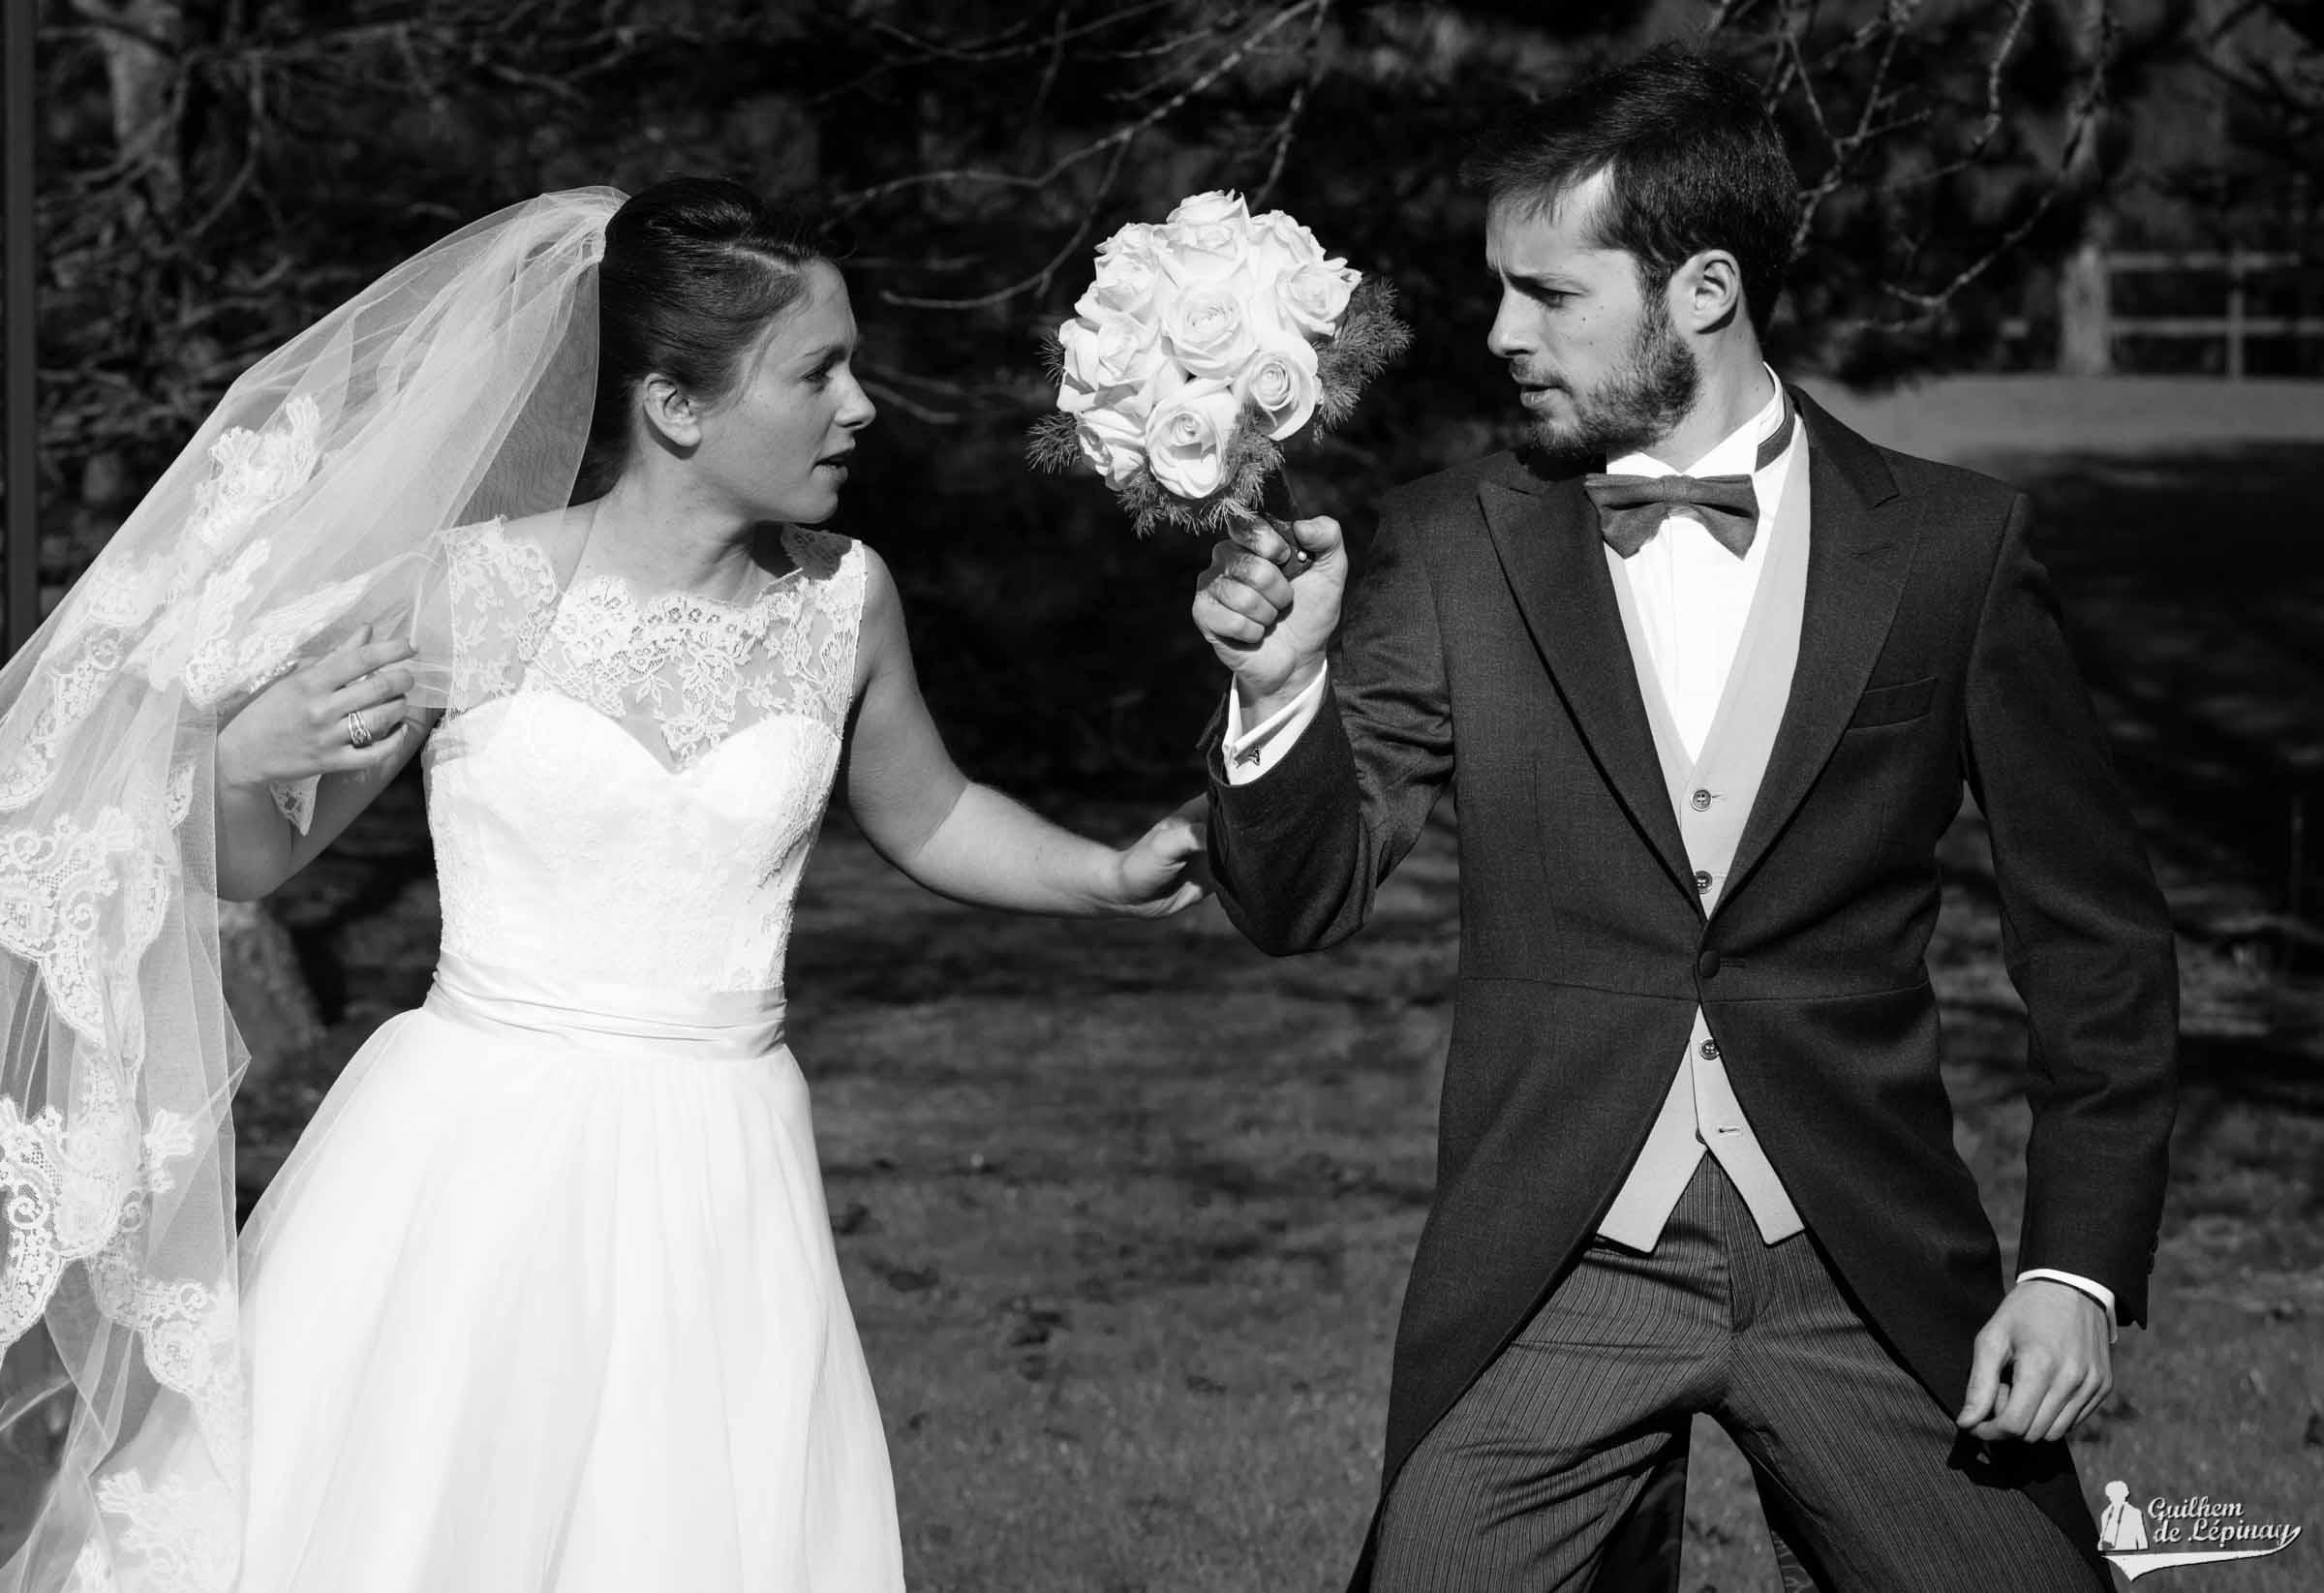 Mariage de jean marie et anne guilhem de l pinay photographie - Photo de mariage ...